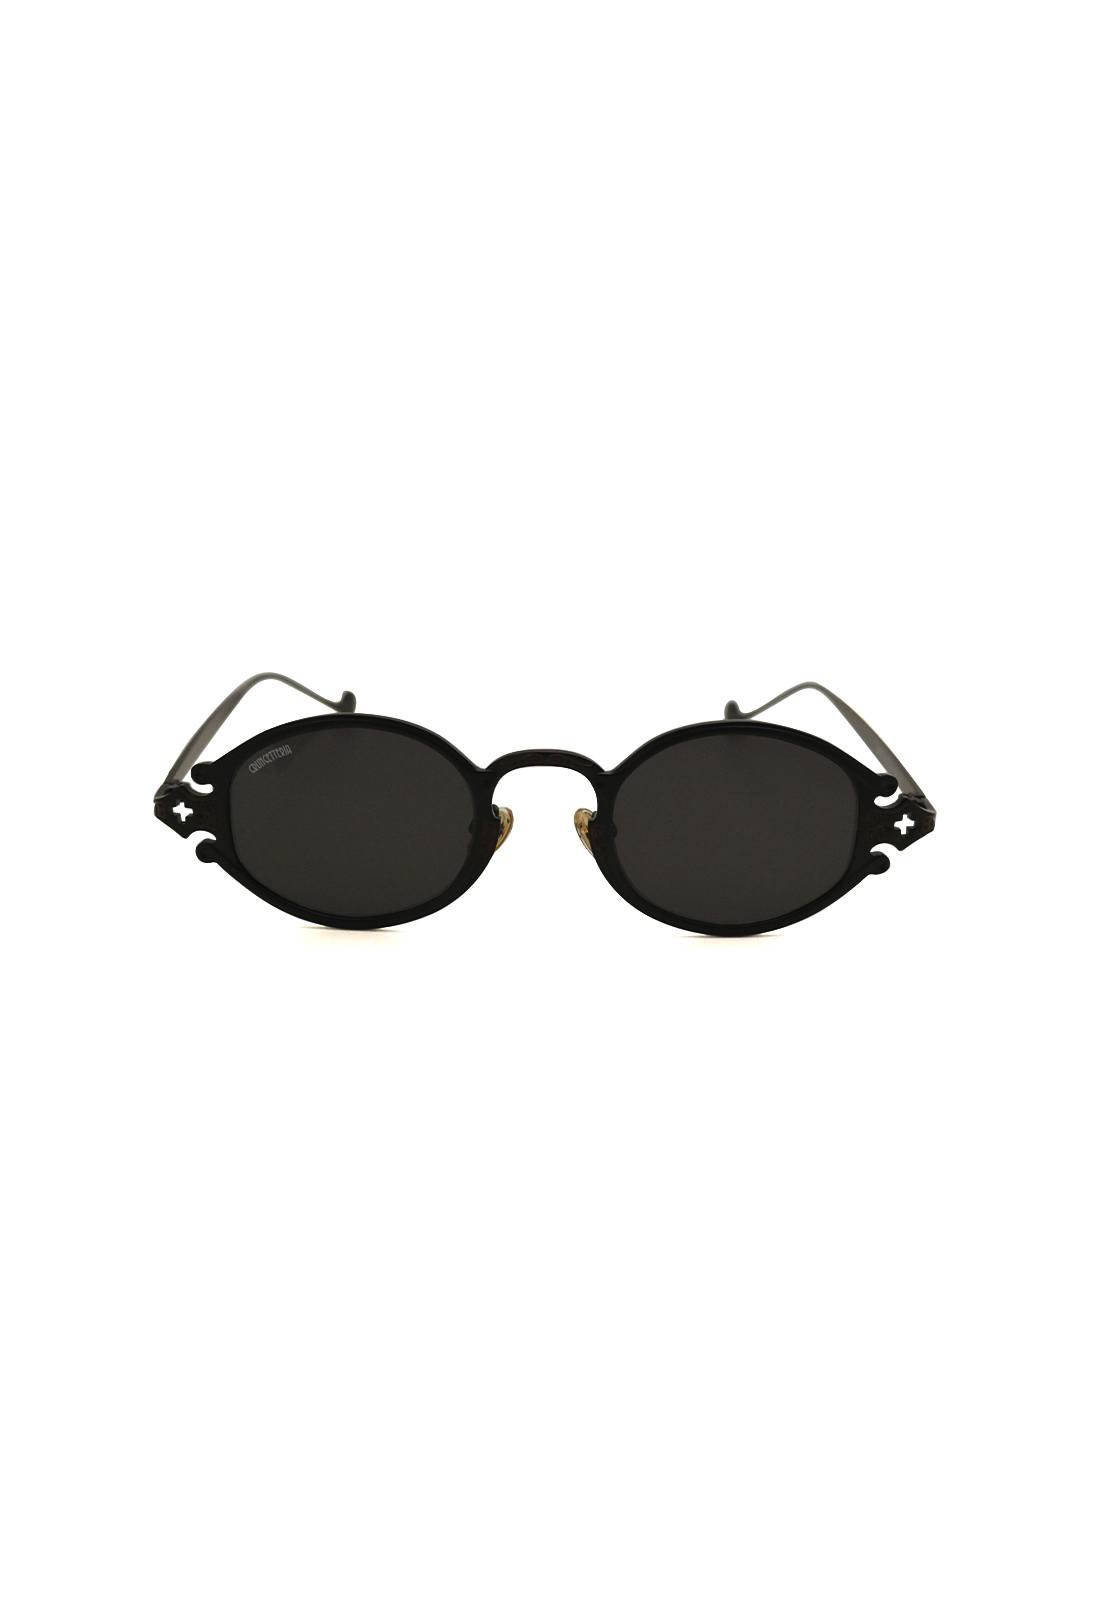 Óculos de Sol Grungetteria Sacro Preto